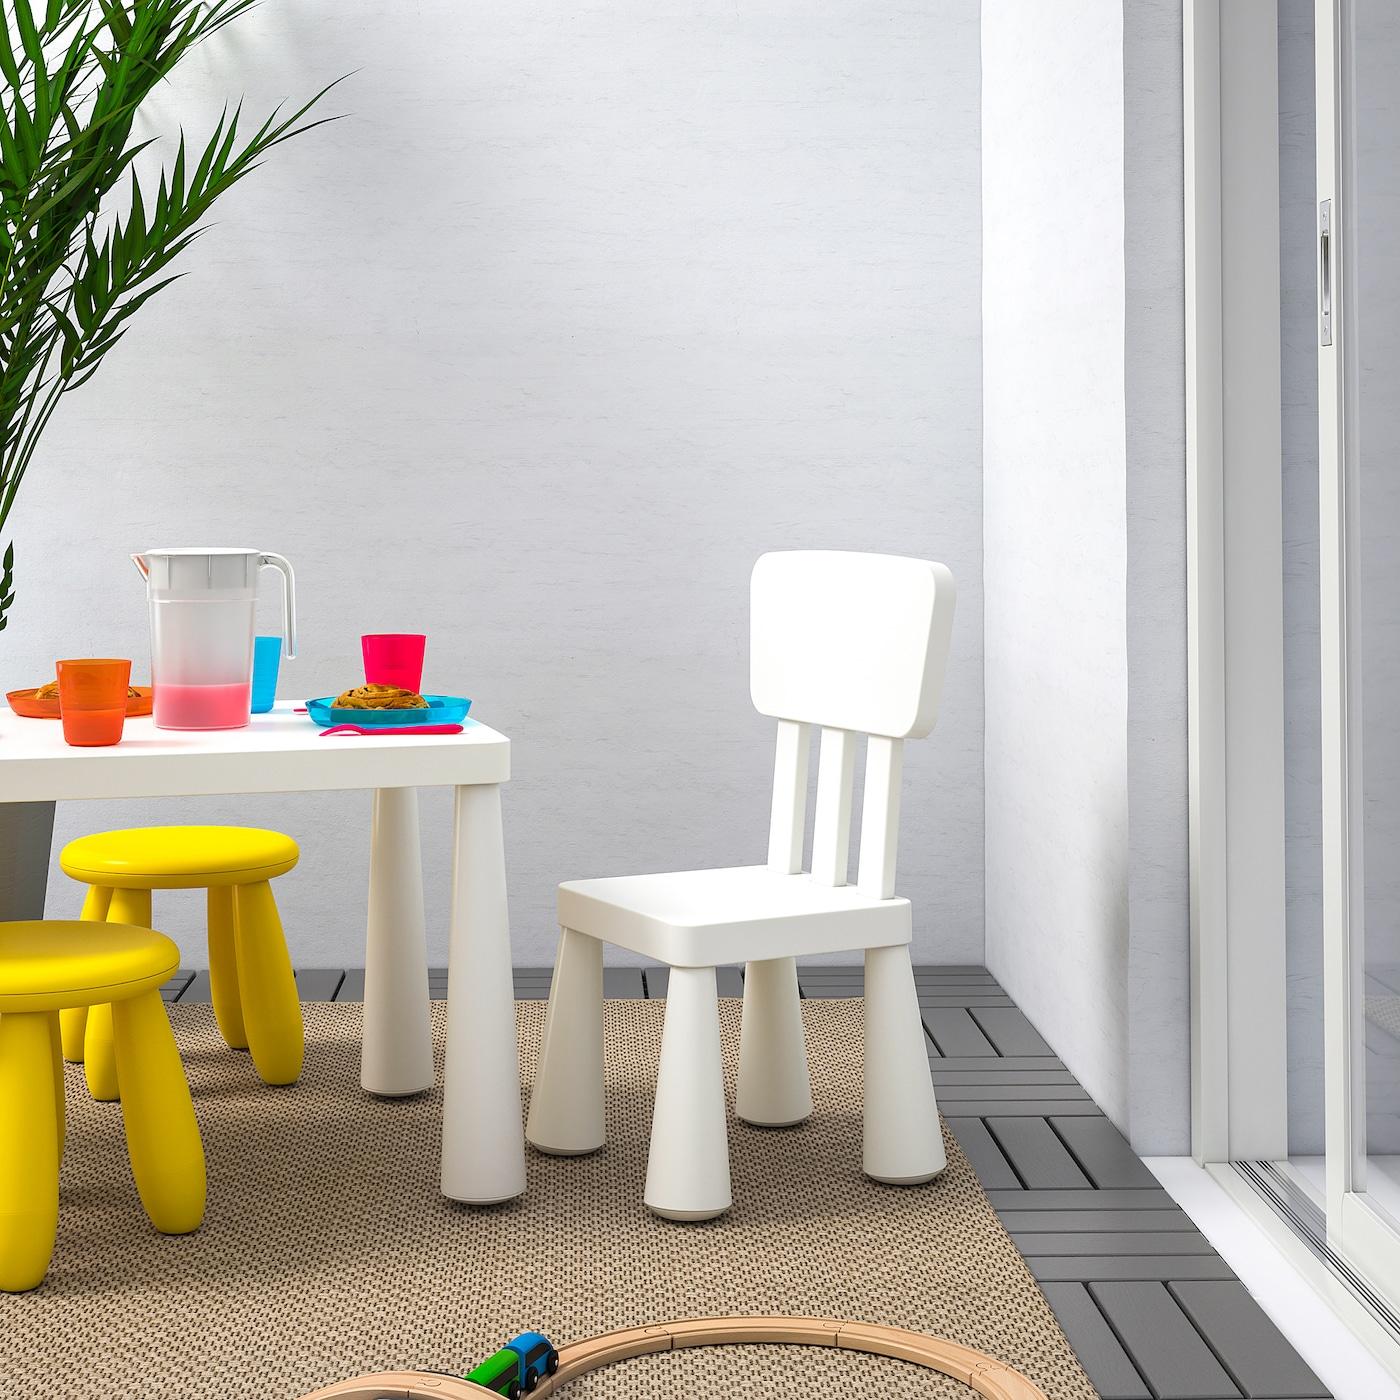 МАММУТ дитячий стілець для приміщення/вулиці/білий 39 см 36 см 67 см 26 см 30 см